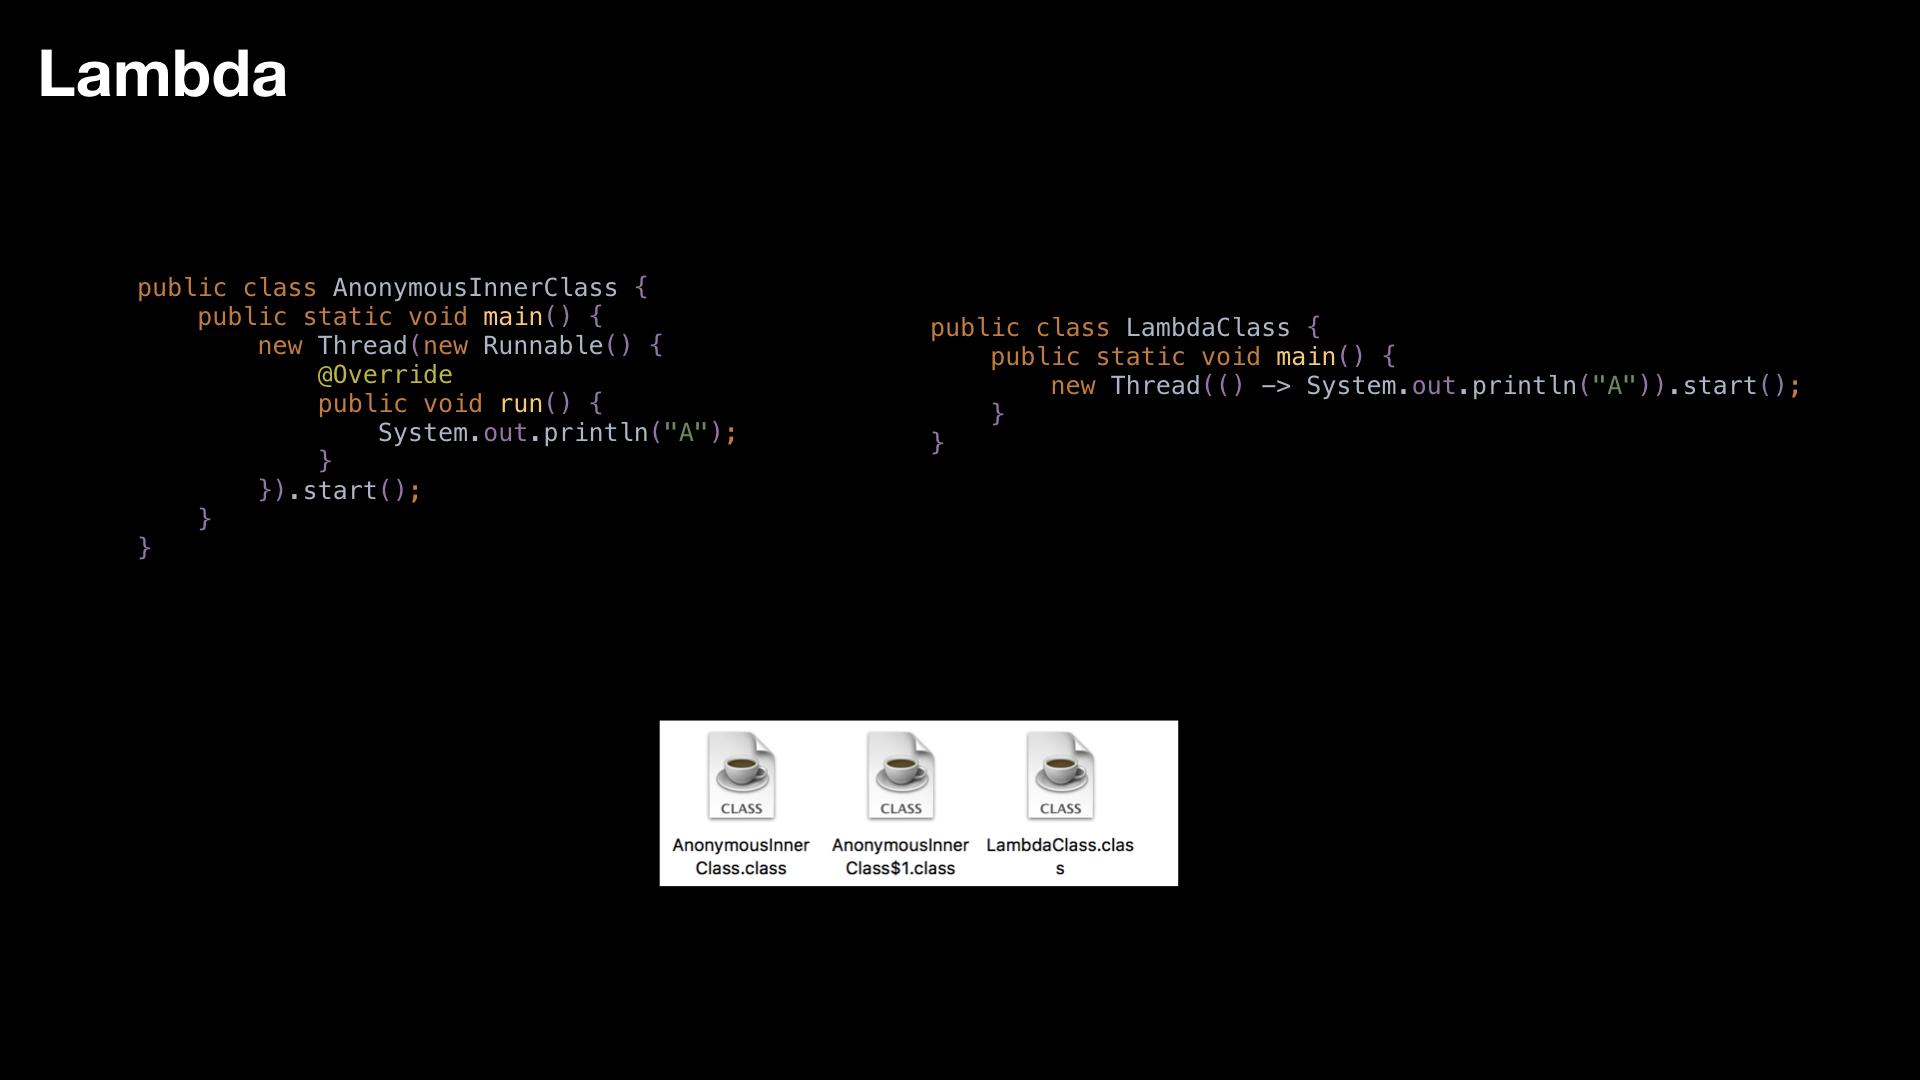 lambda-bytecode.jpeg